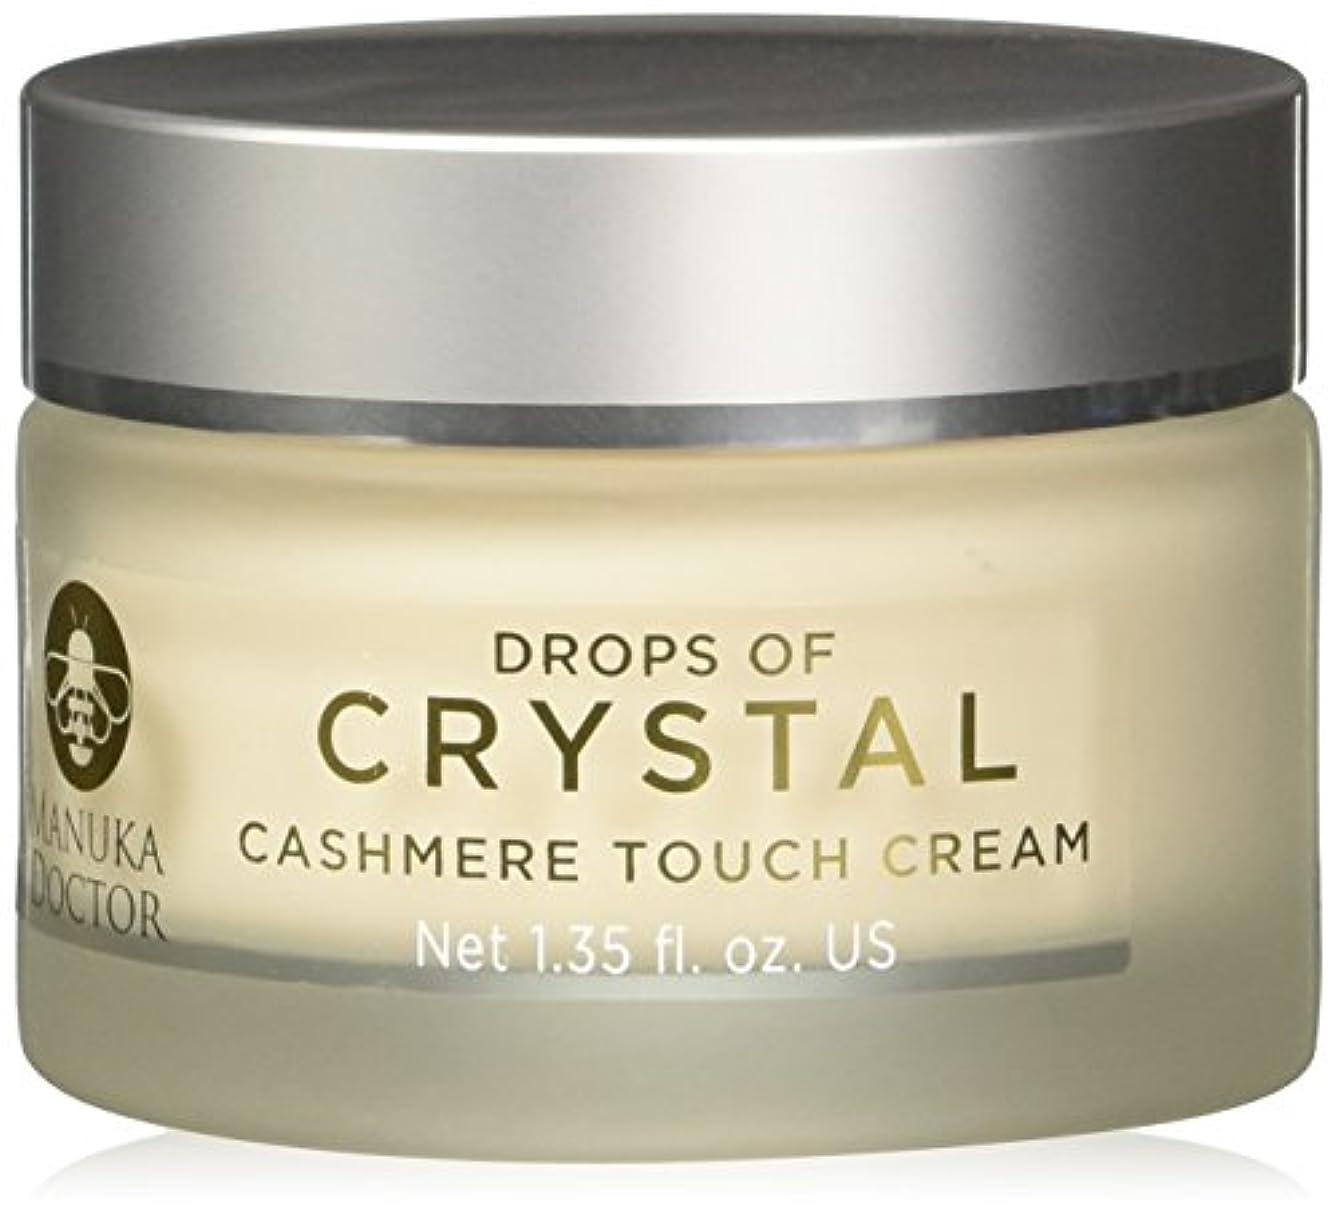 透ける露出度の高い悲しみ((マヌカドクター)ドロップスオブクリスタル?カシミアタッチクリーム40ml)(DropsOfCrystal)Cashmere Touch Cream 40ml